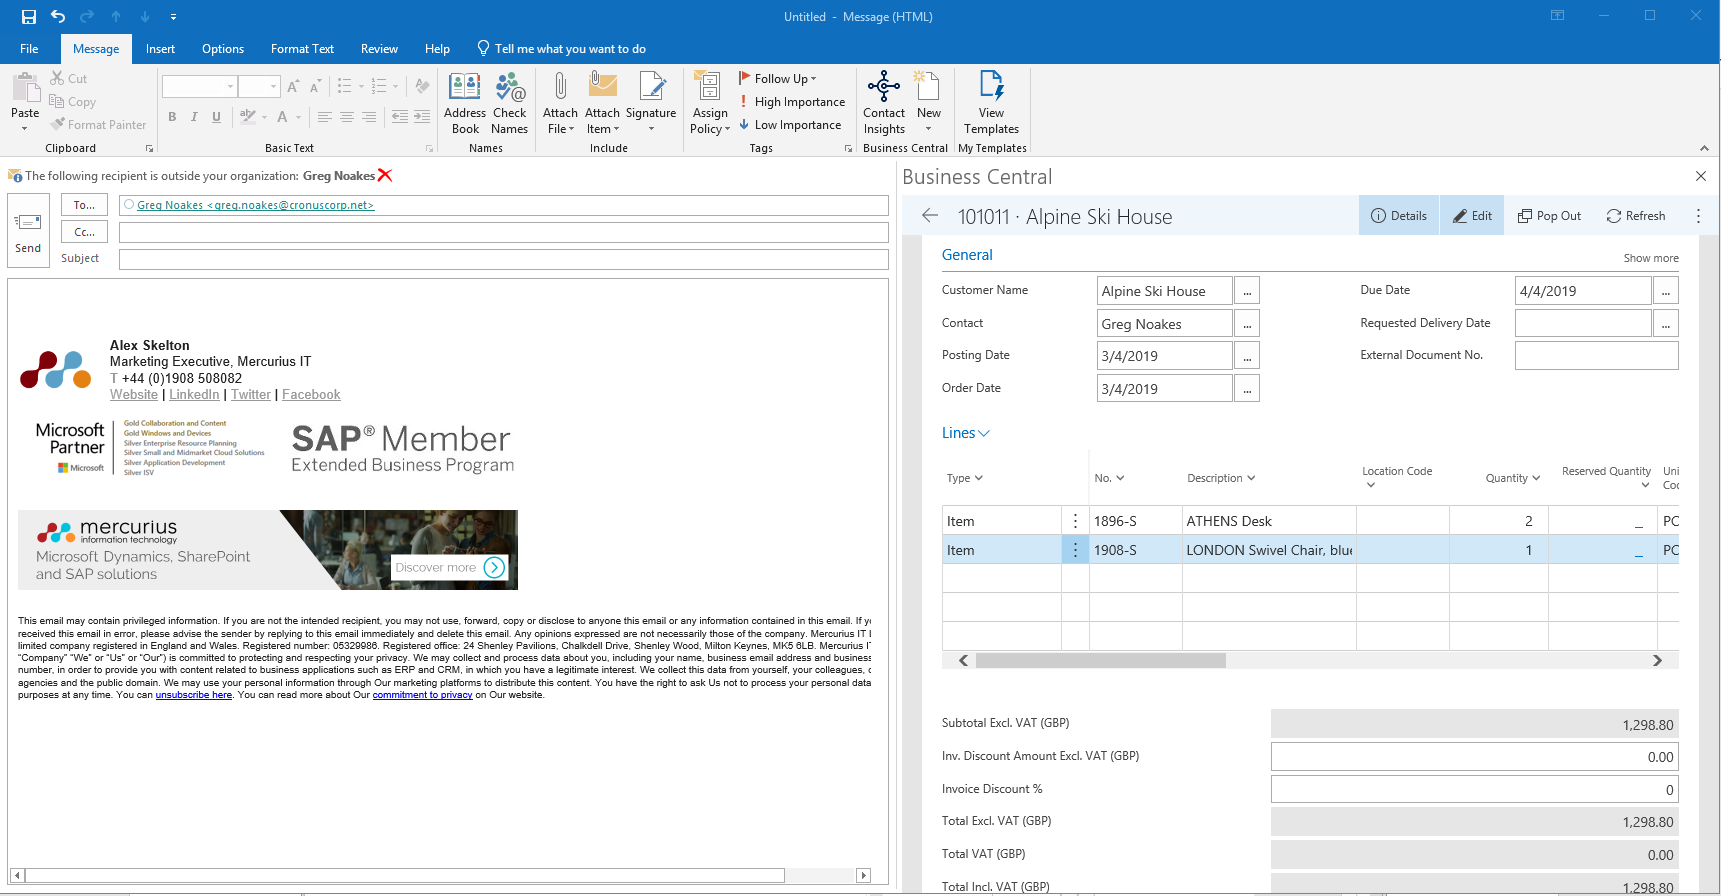 Criando um documento financeiro da Central de Negócios diretamente no Outlook